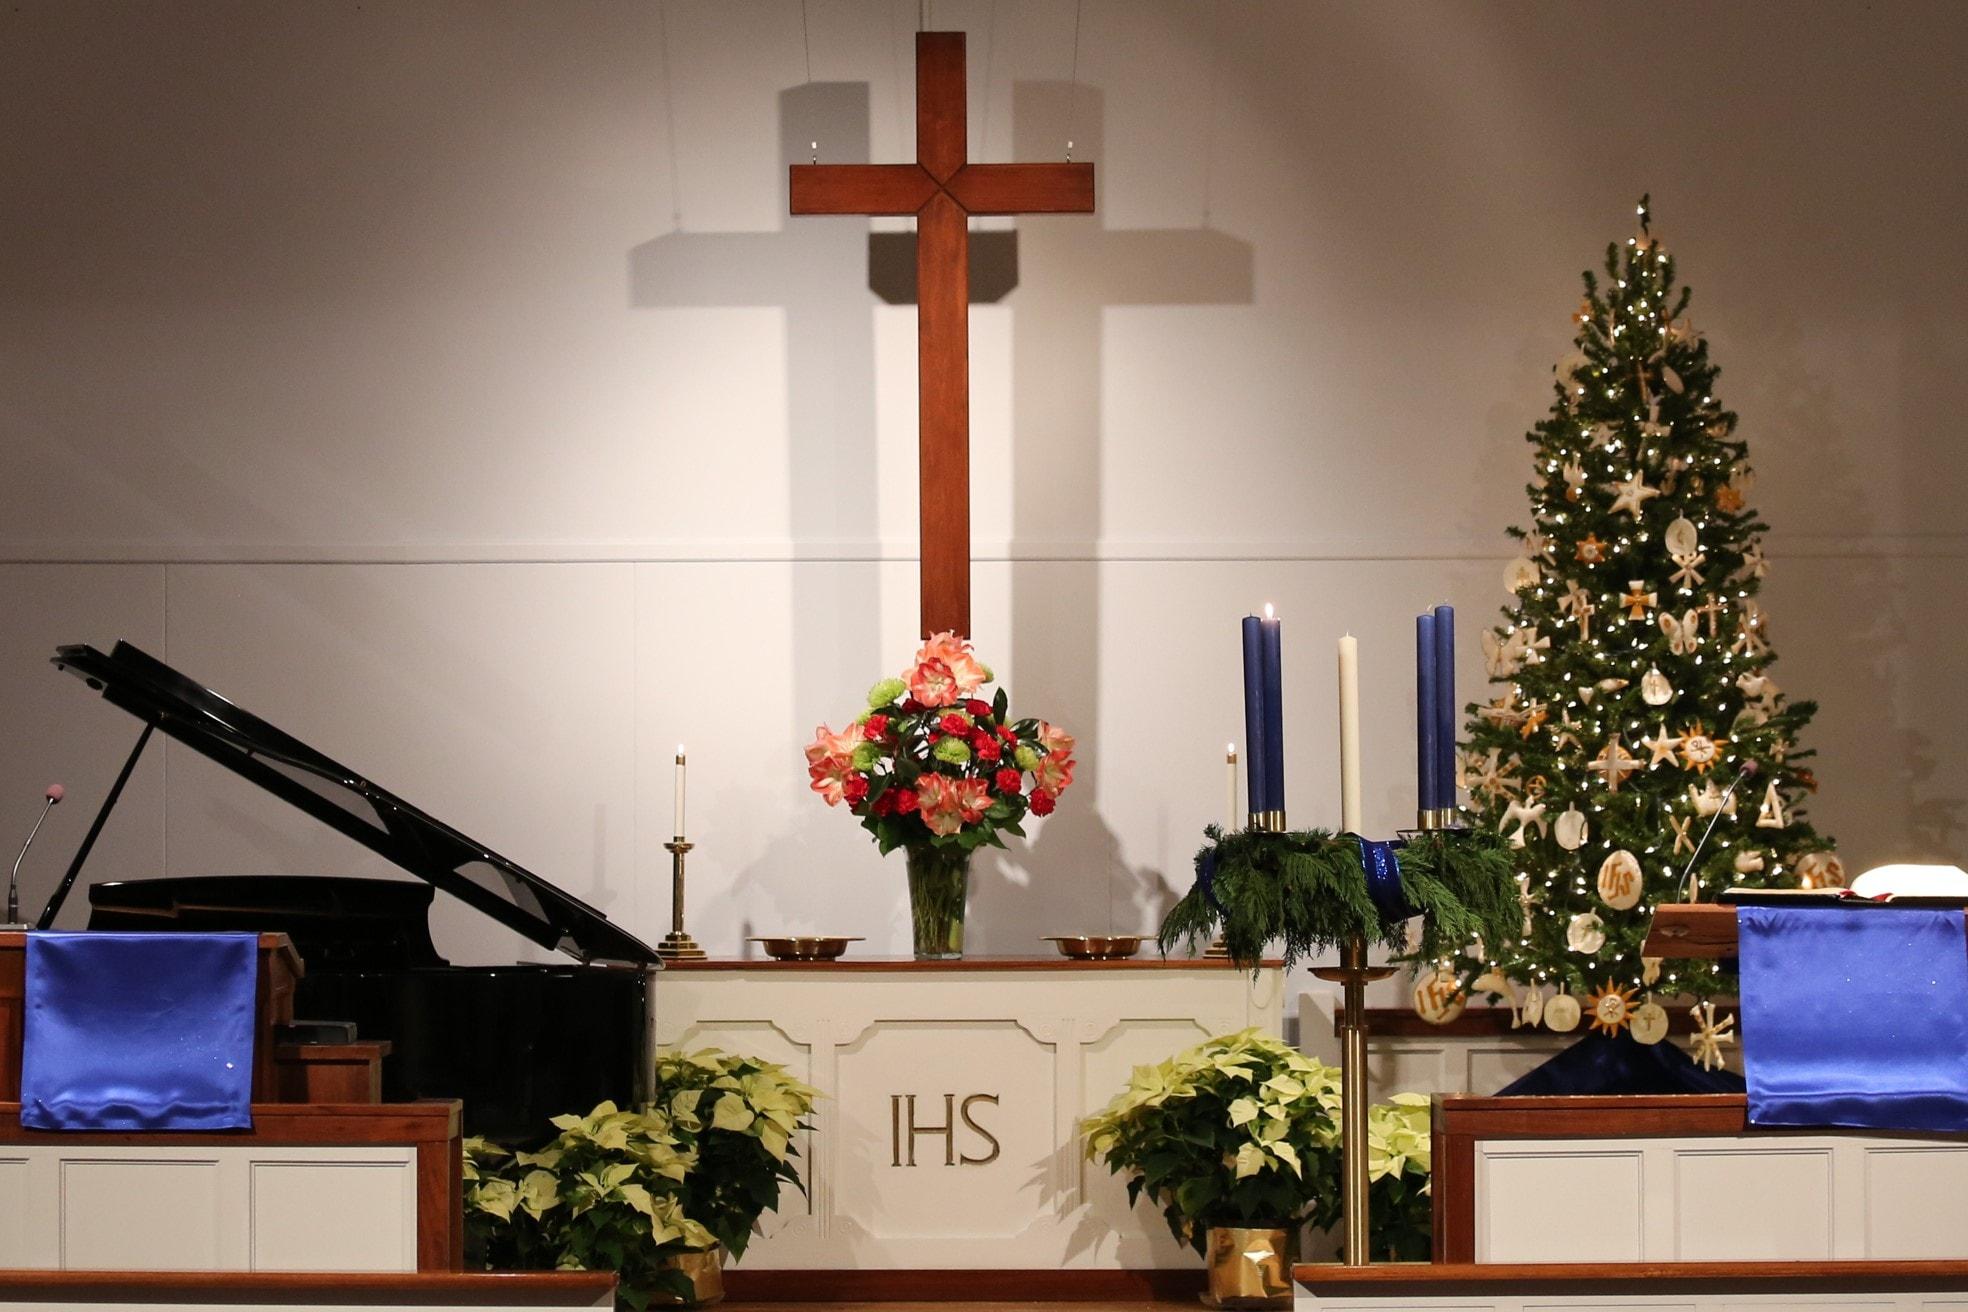 Les poinsettias blancs sont utilisés pendant l'Avent pour décorer le sanctuaire de l'église méthodiste unie de Glendale à Nashville, Tennessee. Photo de Steven Kyle Adair.